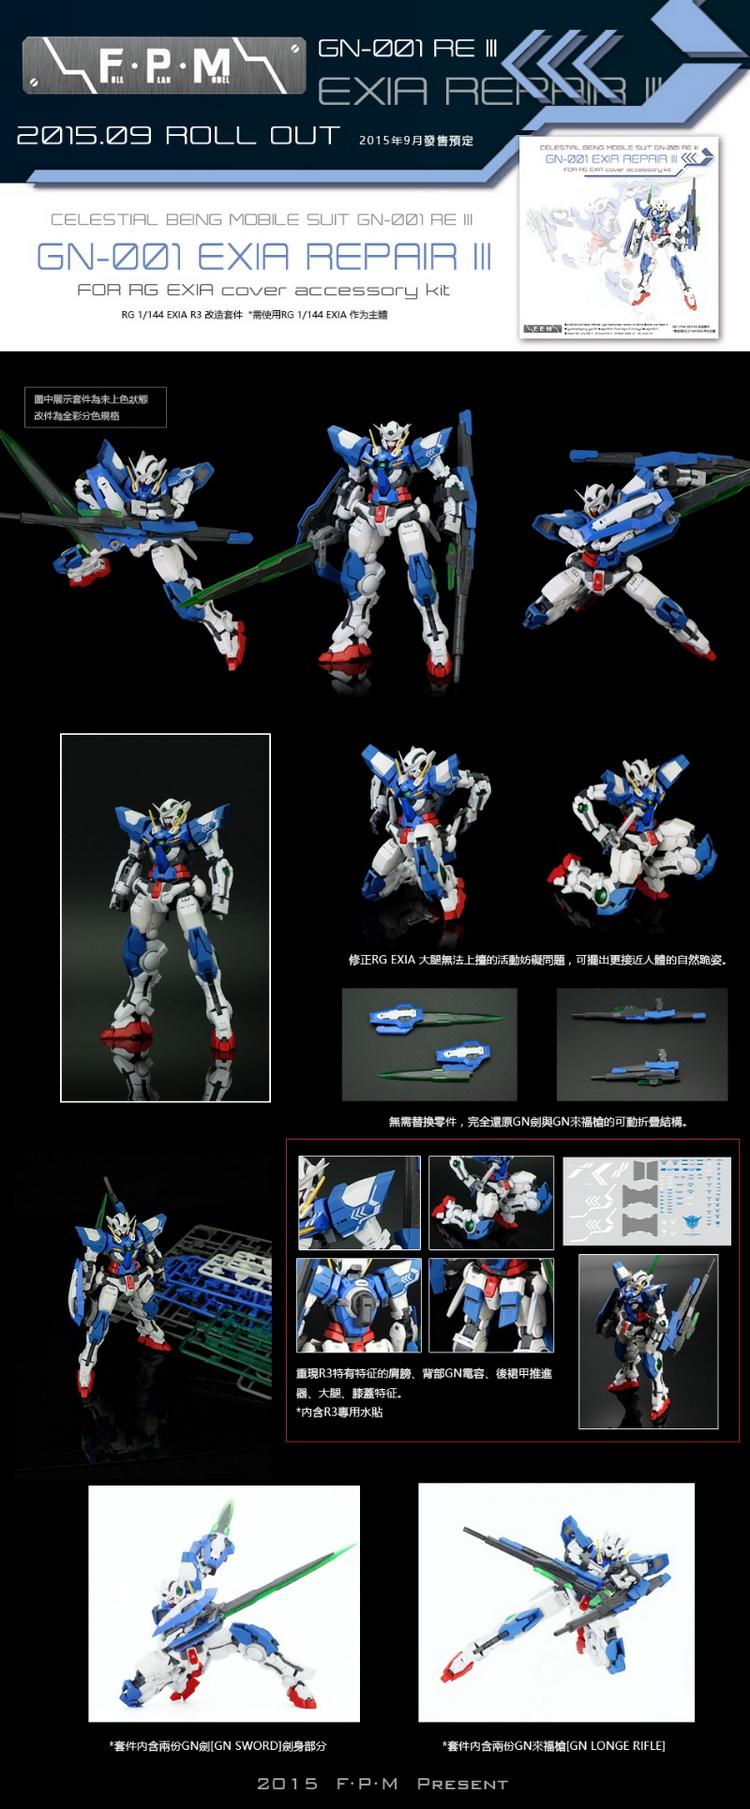 S111-RG-exia-r3-inask-002.jpg